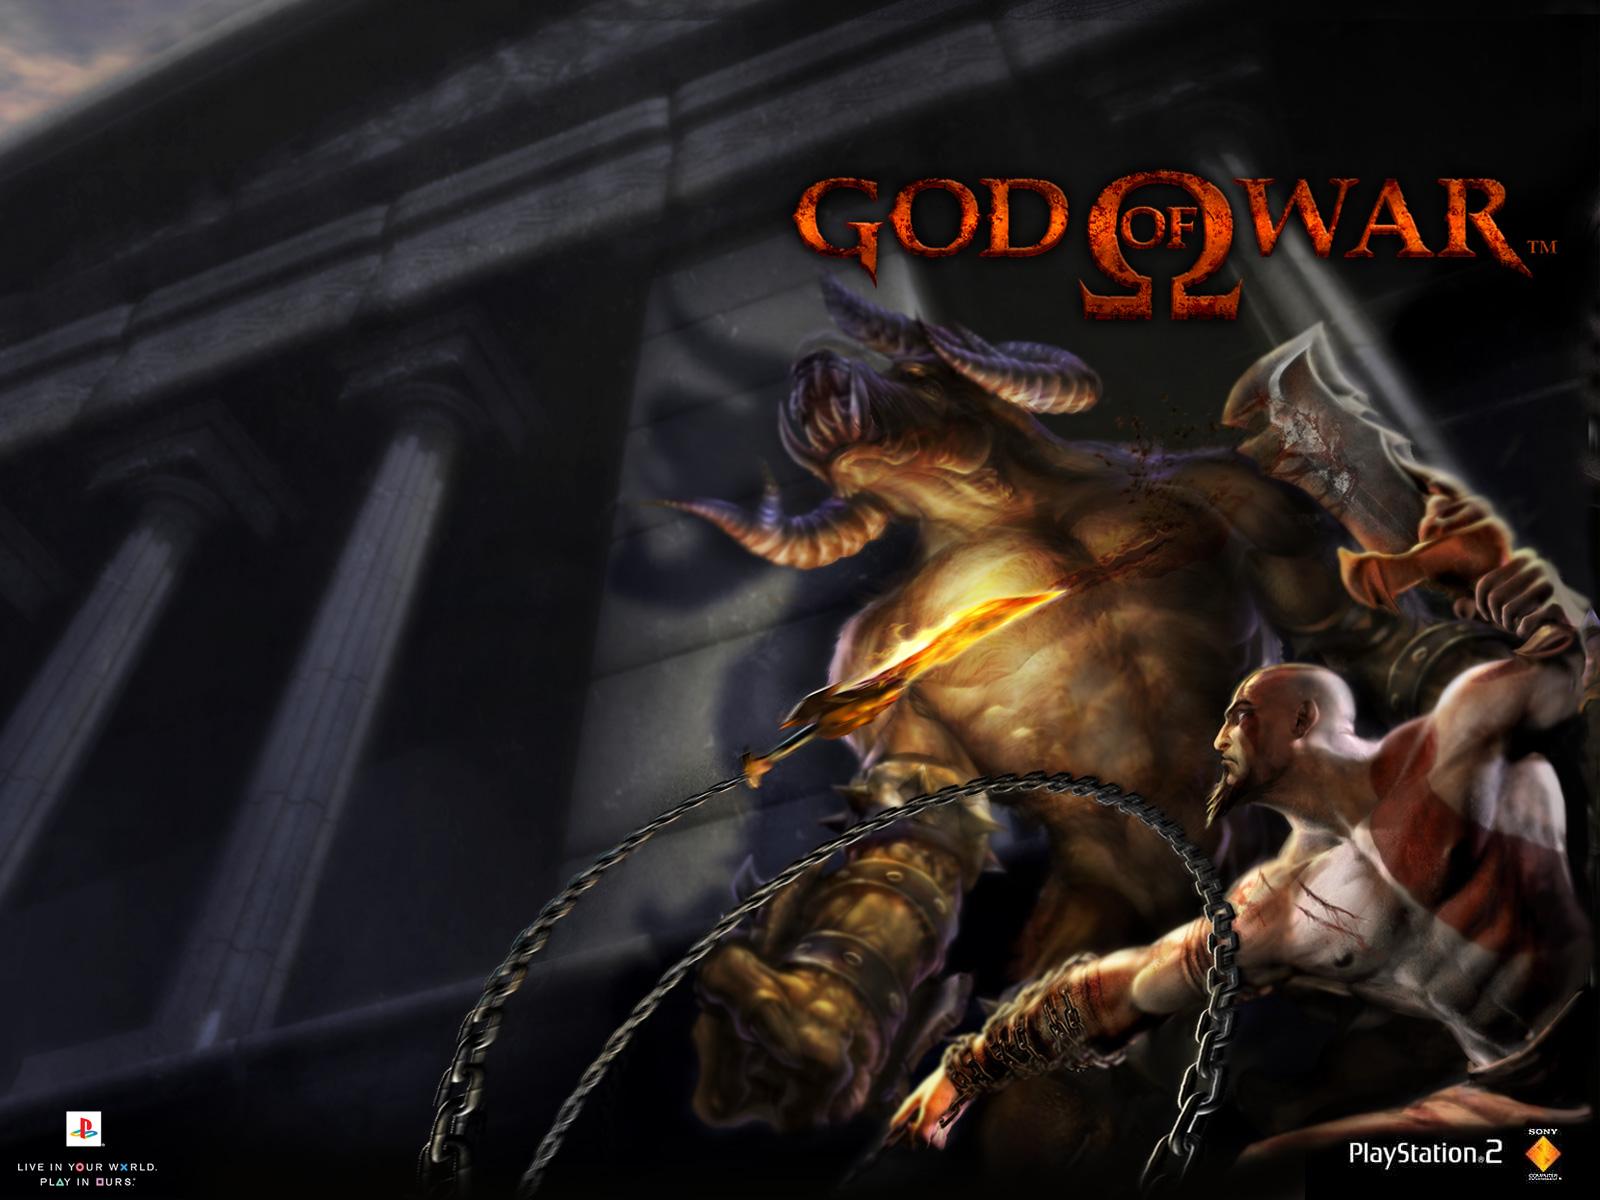 Wallpapers god of war all parts - God of war wallpaper hd 3d ...